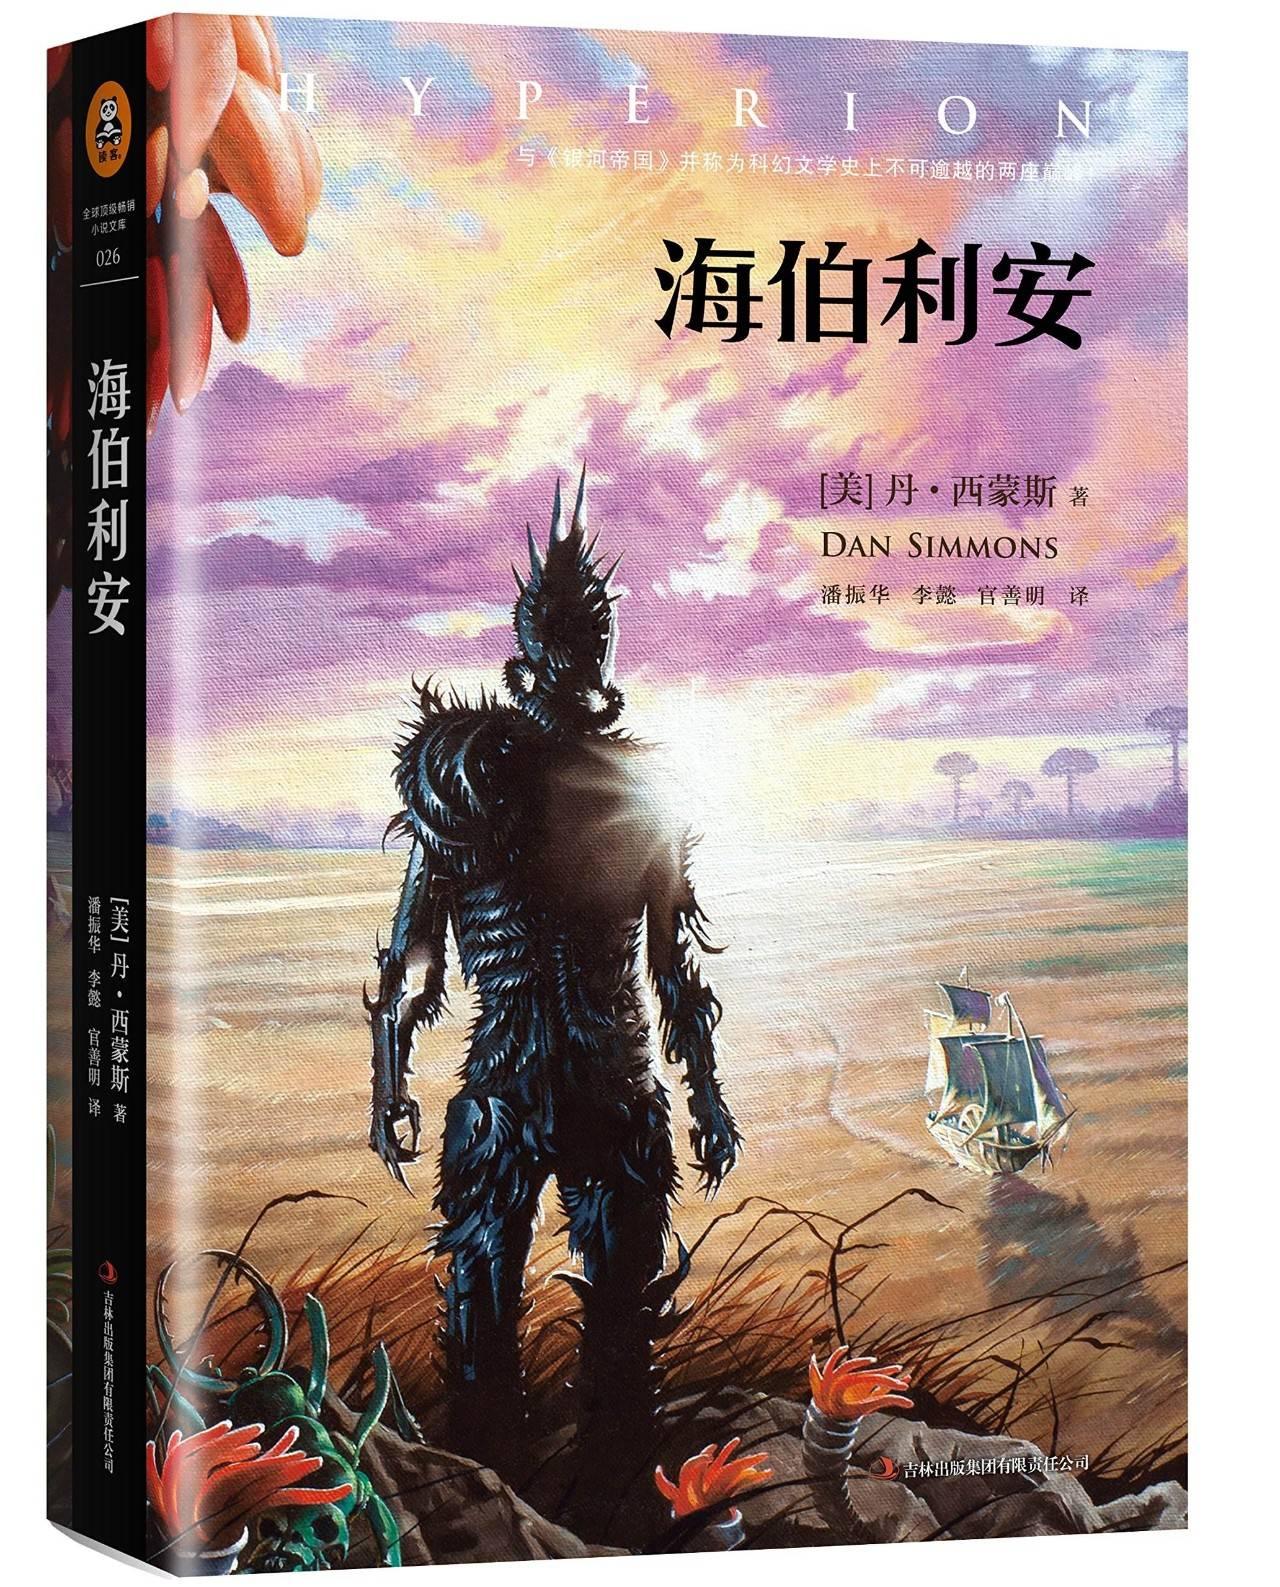 值得假期在家品读的10部经典科幻小说